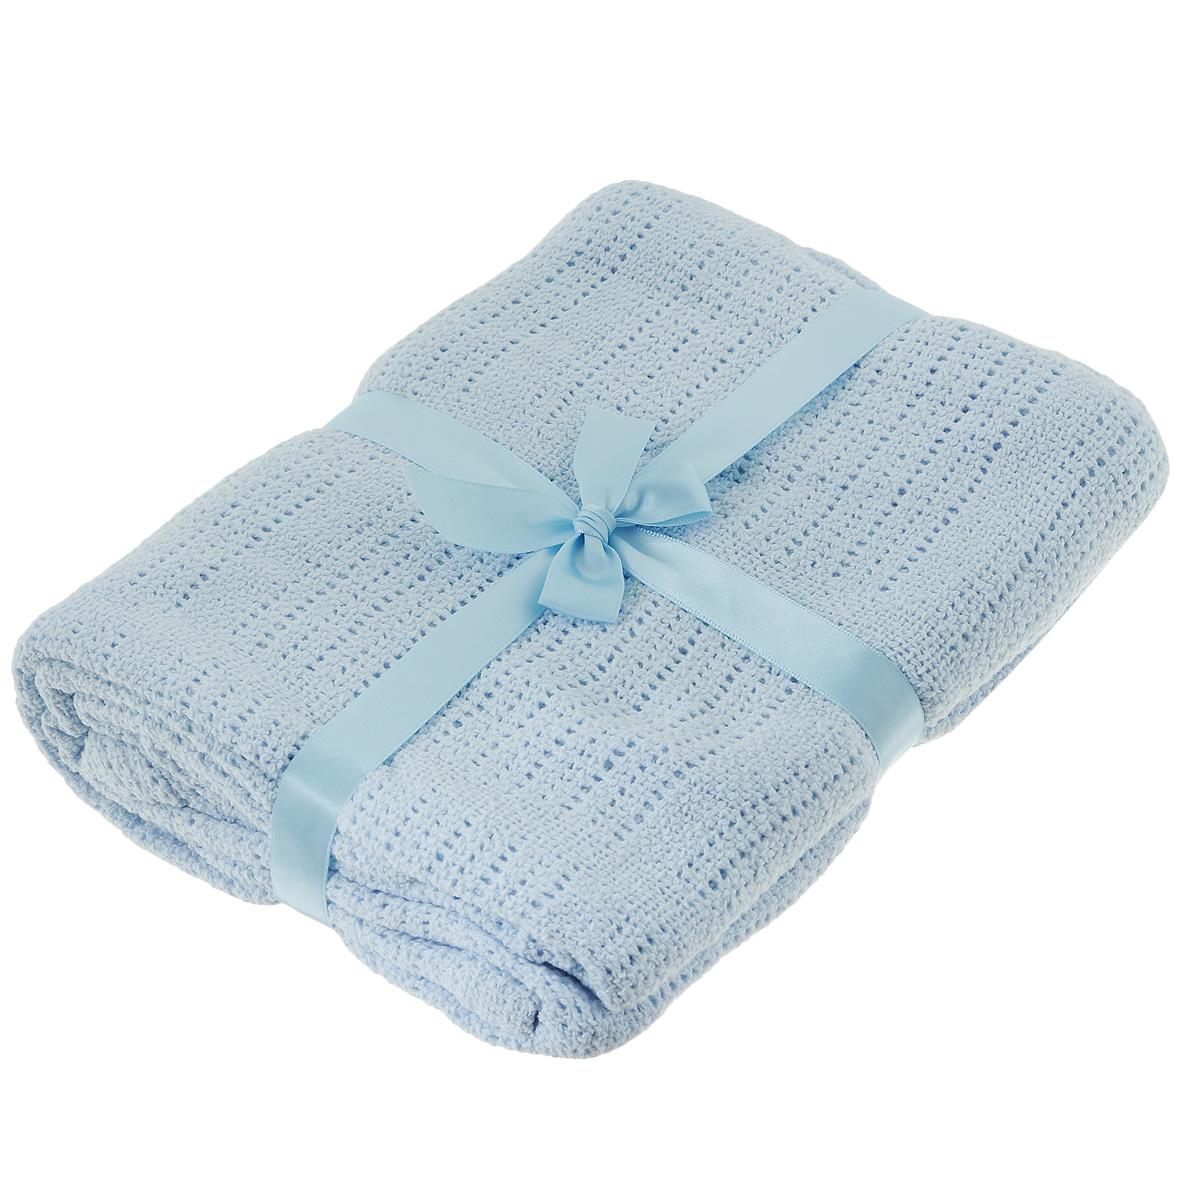 Одеяло детское Baby Nice, вязаное, цвет: голубой, 100 см x 140 см. D40612D40612